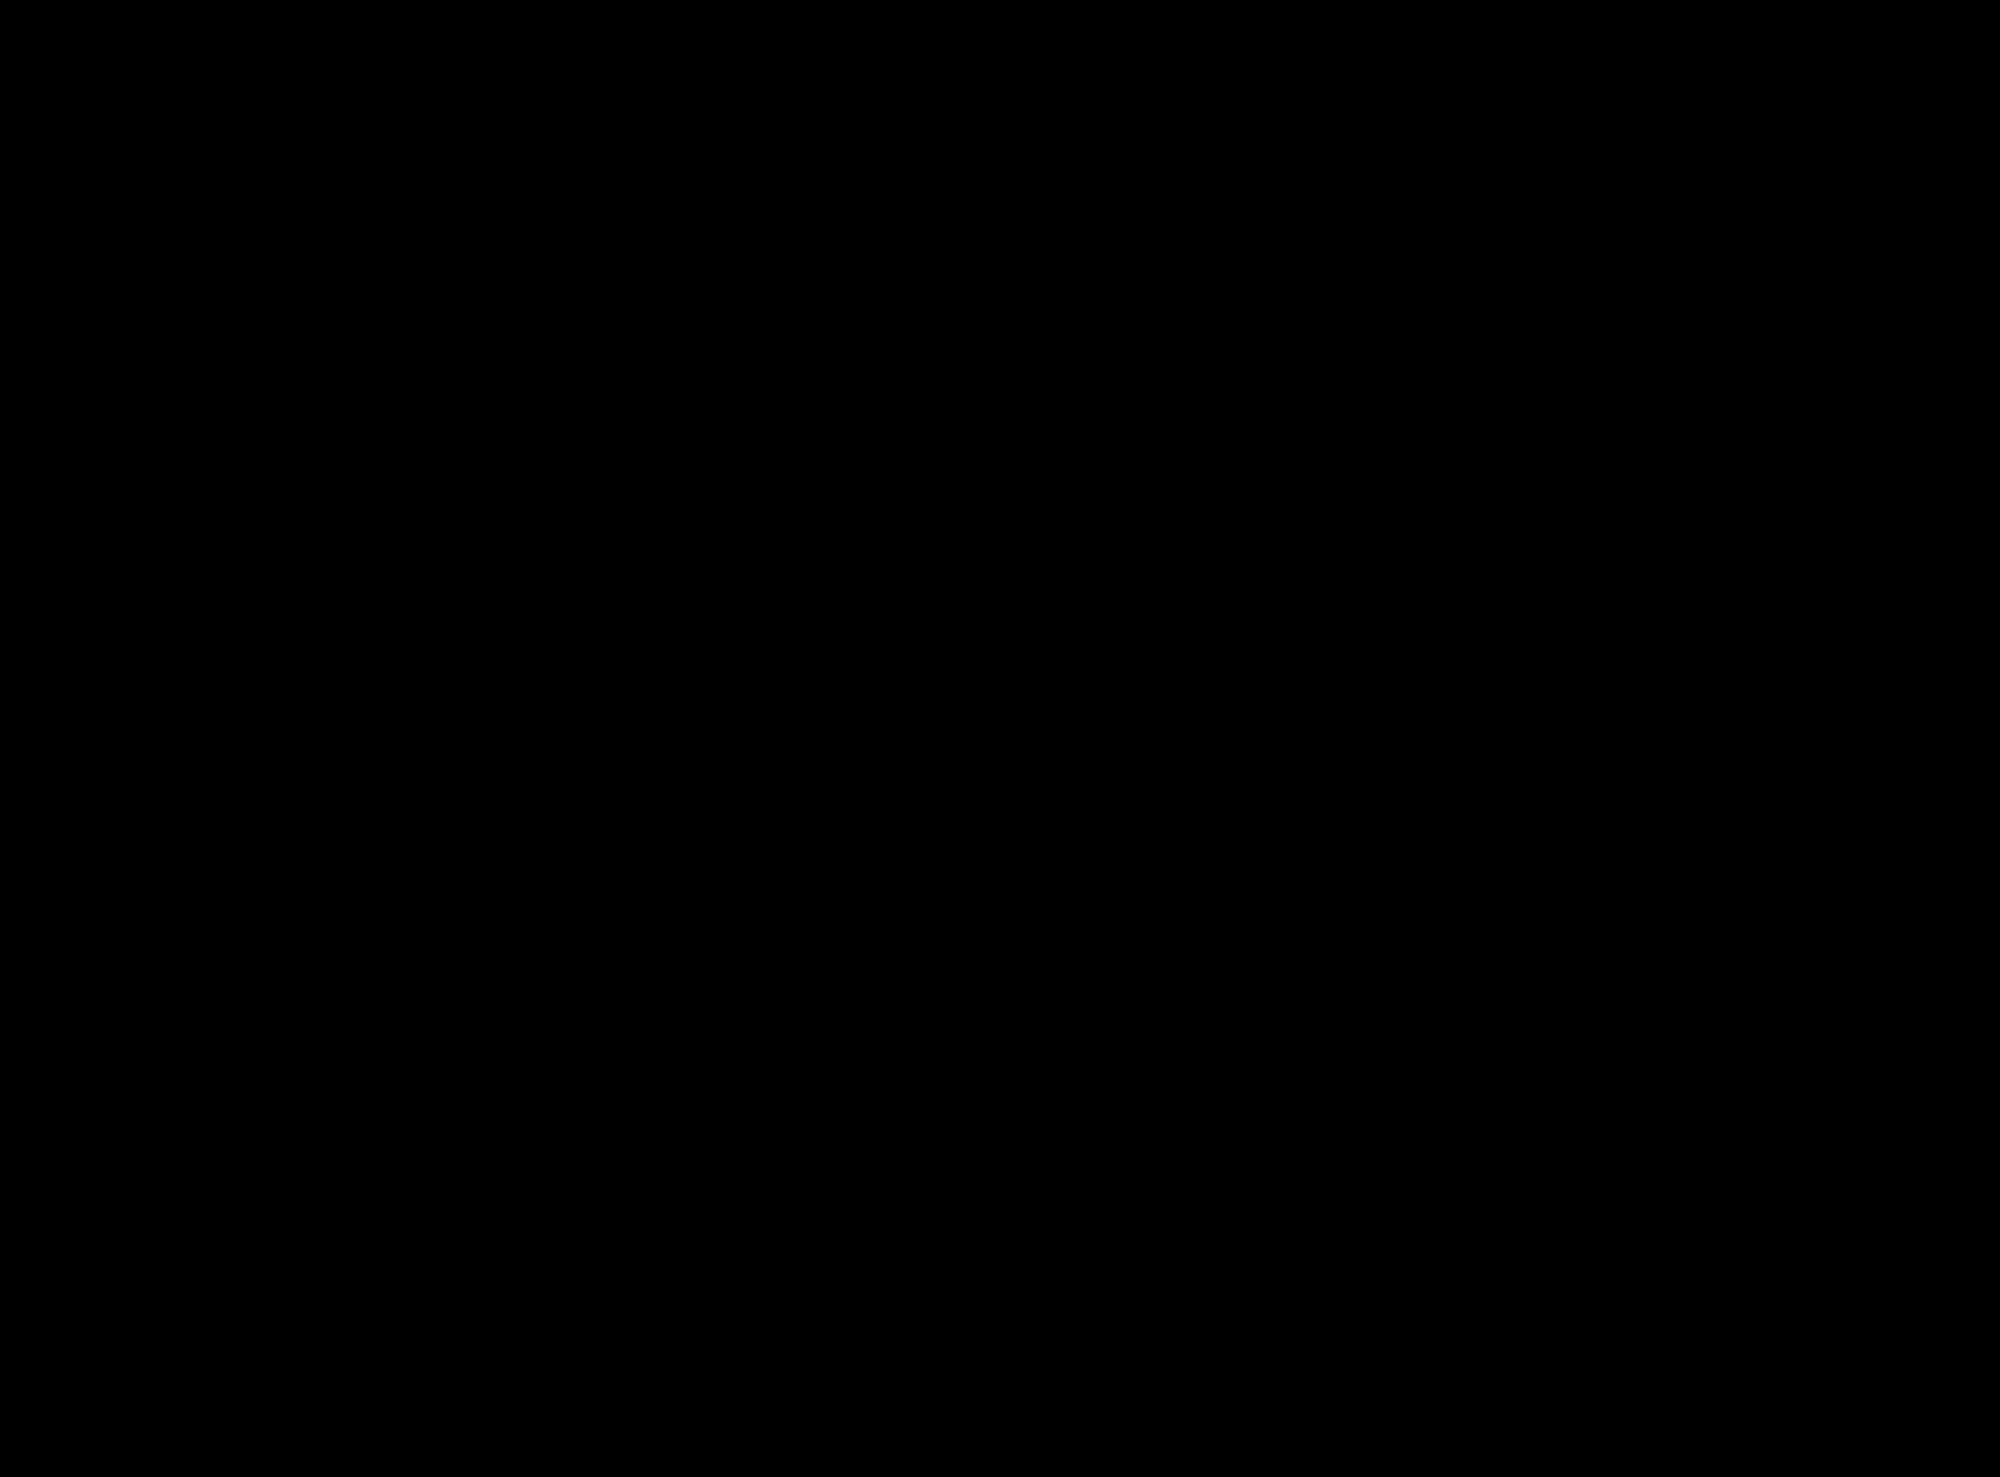 tratarea îmbinărilor cu hidrogen sulfurat